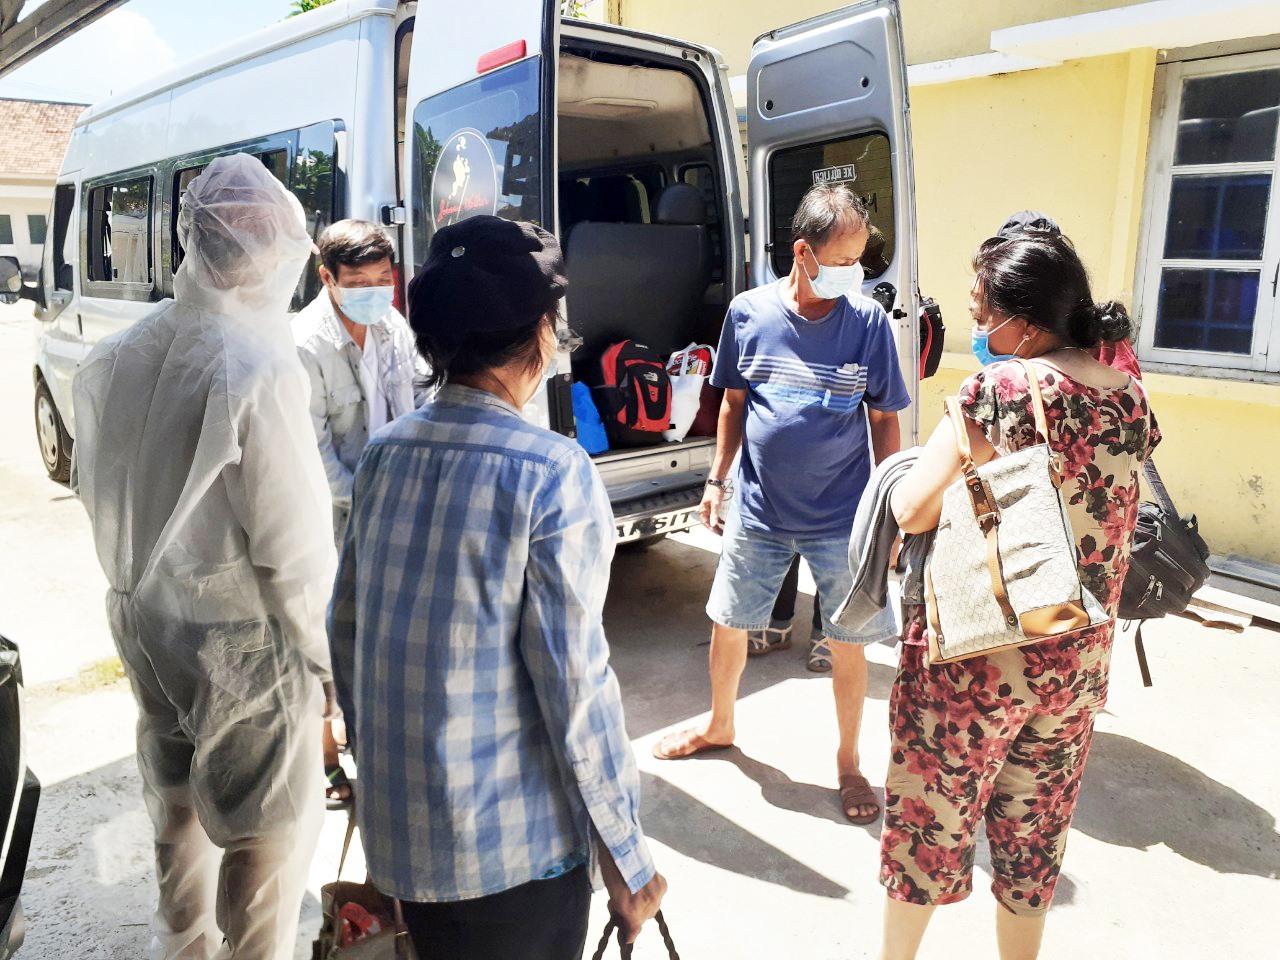 Việc hỗ trợ vận chuyển người thuộc trường hợp F1 tại Hội An đã trở nên quen thuộc với anh Nguyễn Trí Minh trong thời gian qua. Ảnh: Q.T